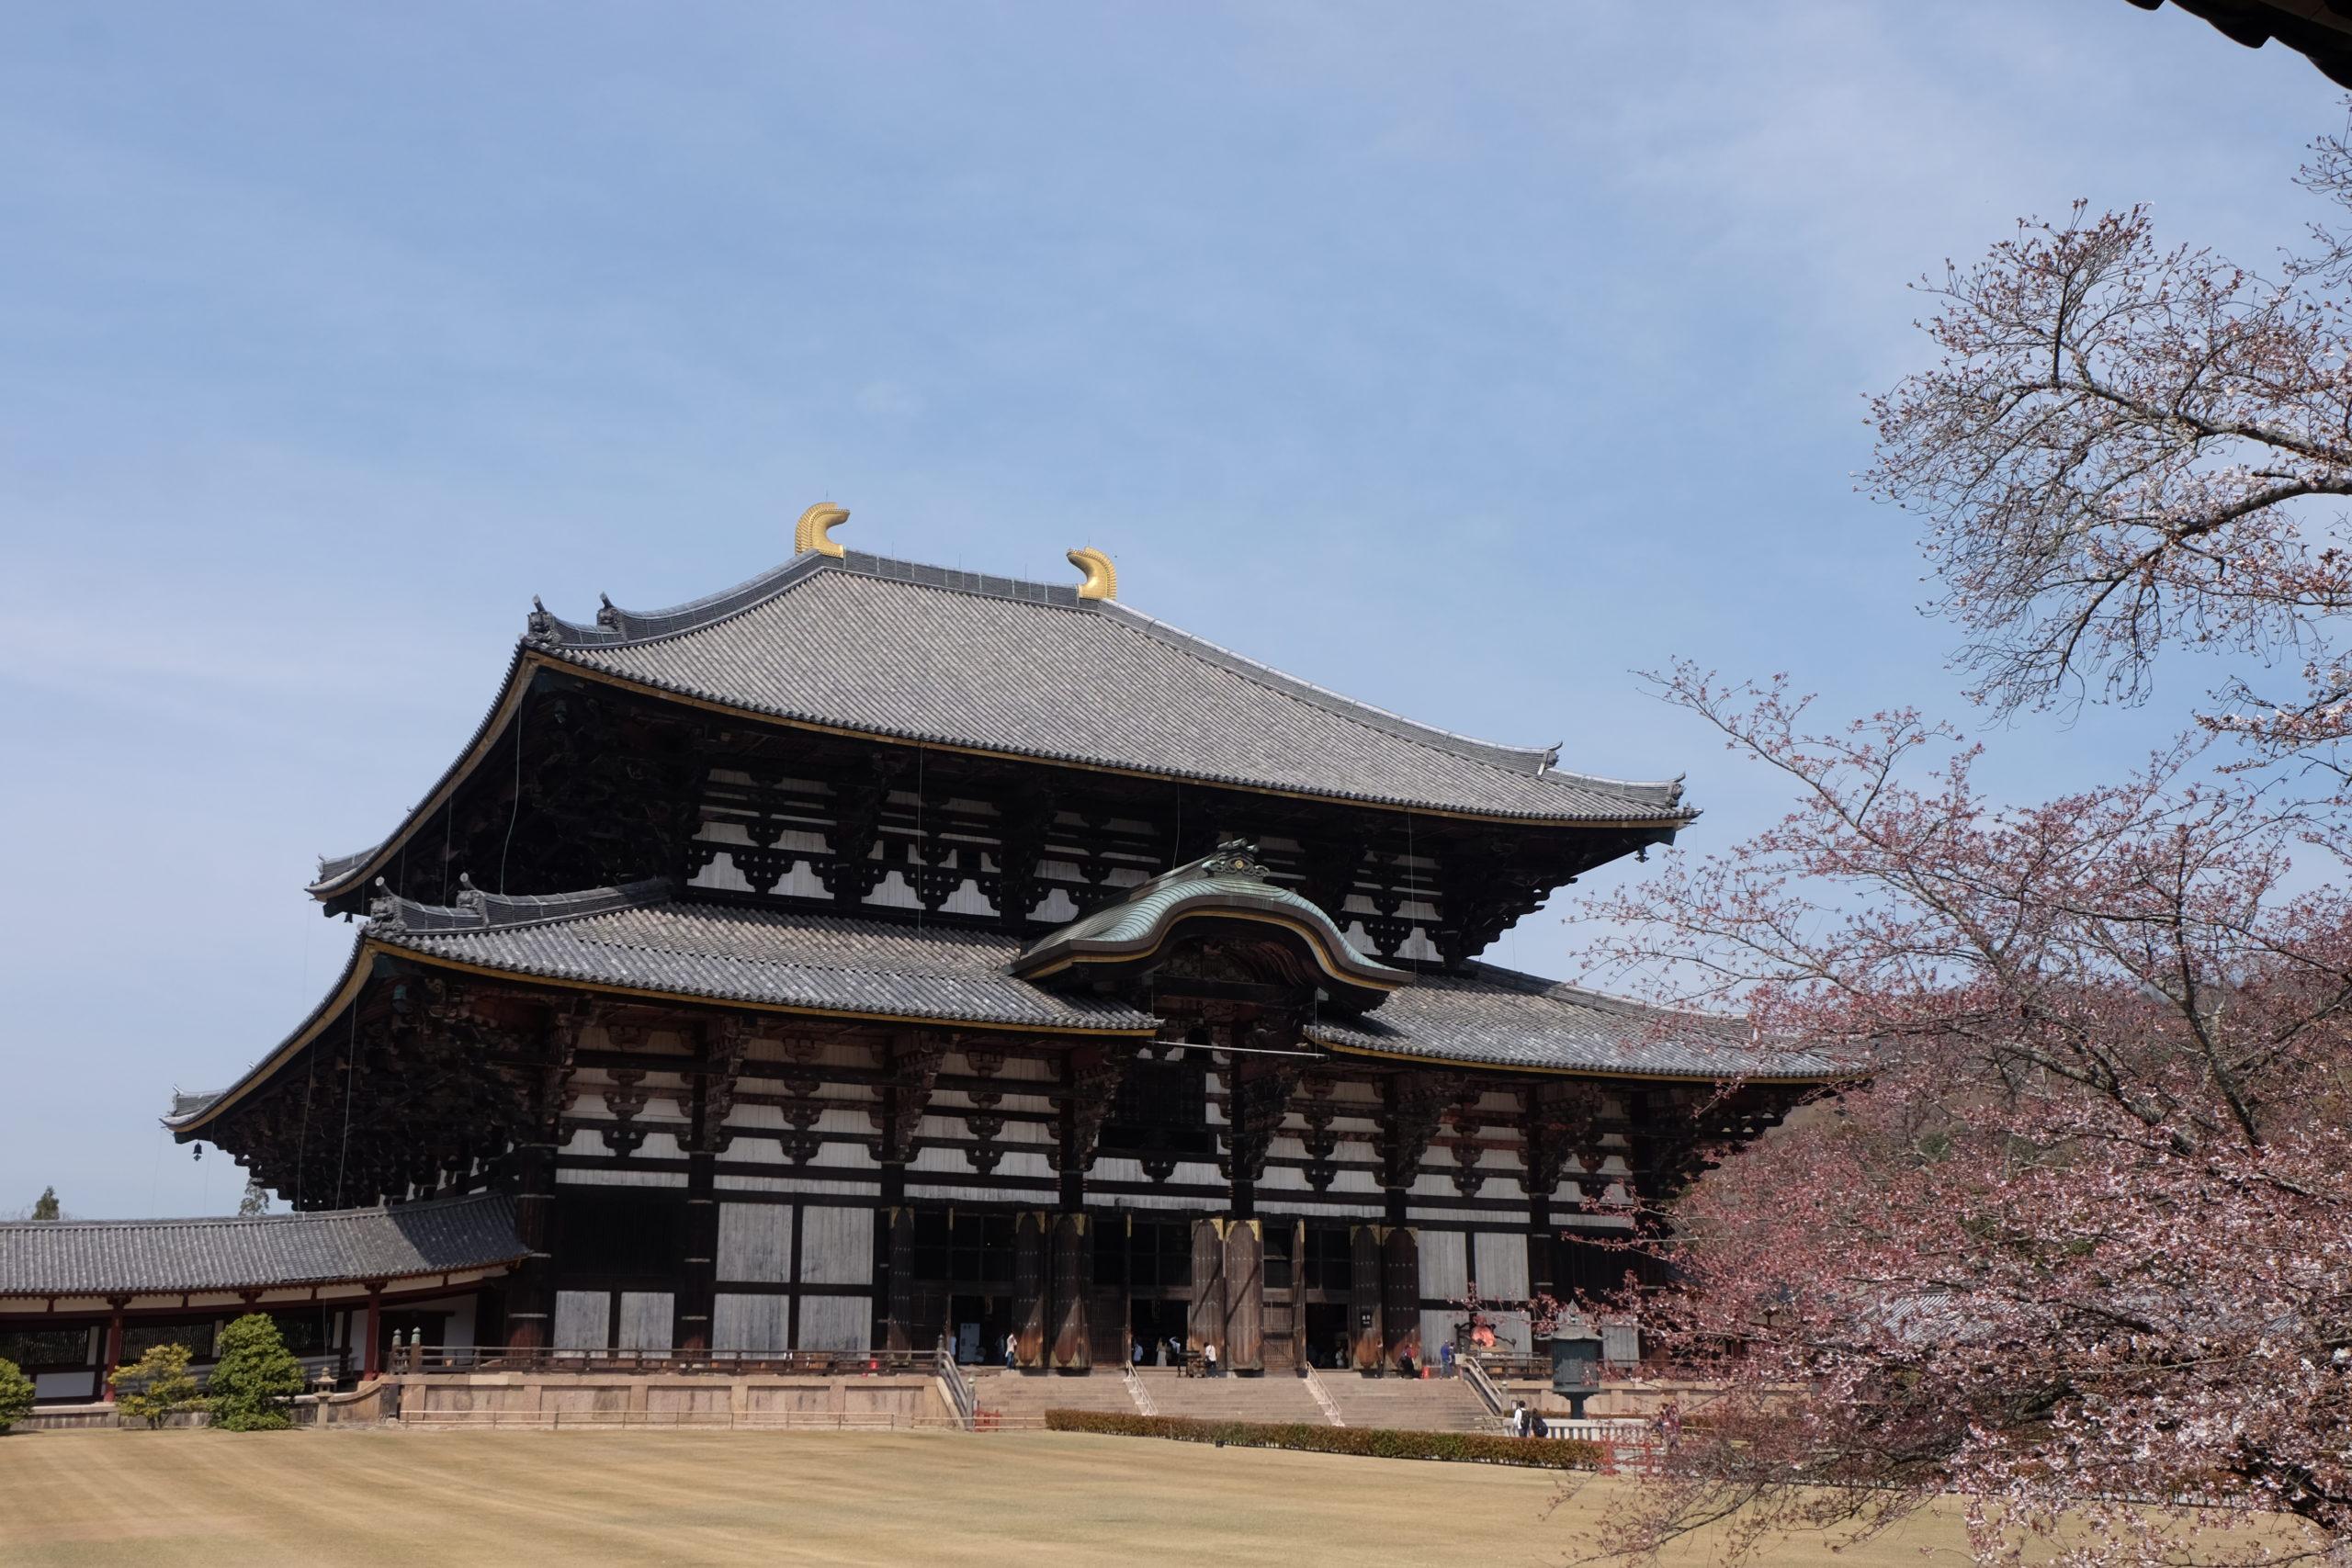 【東大寺】奈良の大仏を参拝!歴史や見どころまで完全網羅!